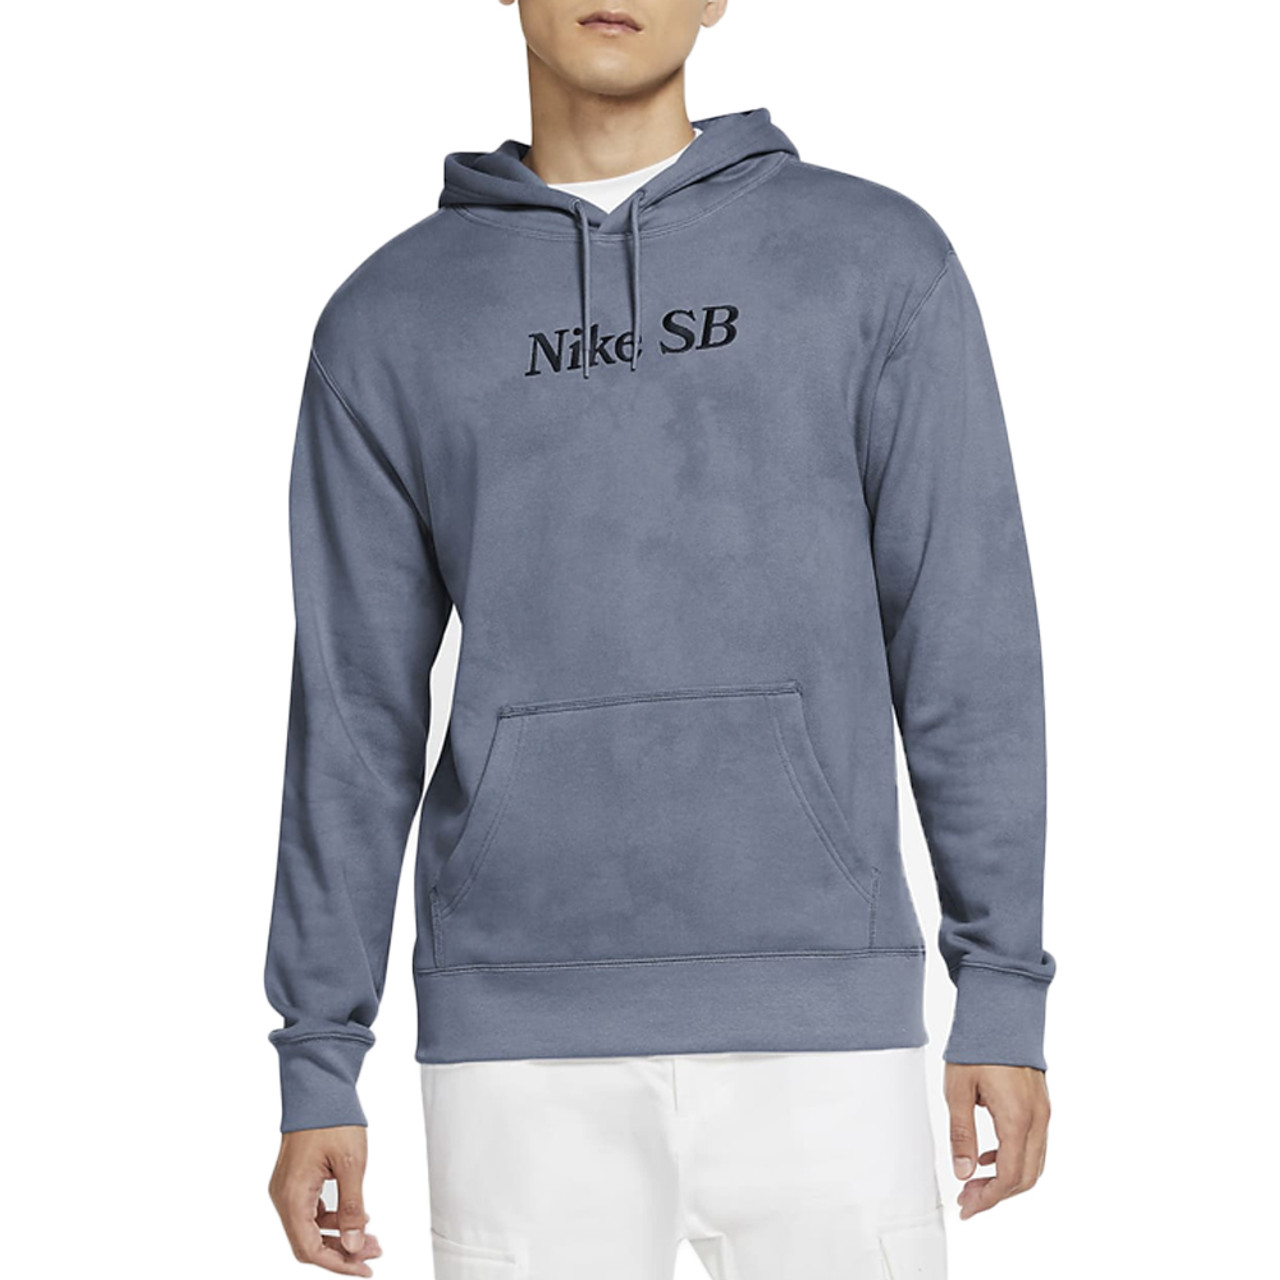 NIKE SB Skate Hoodie Navy